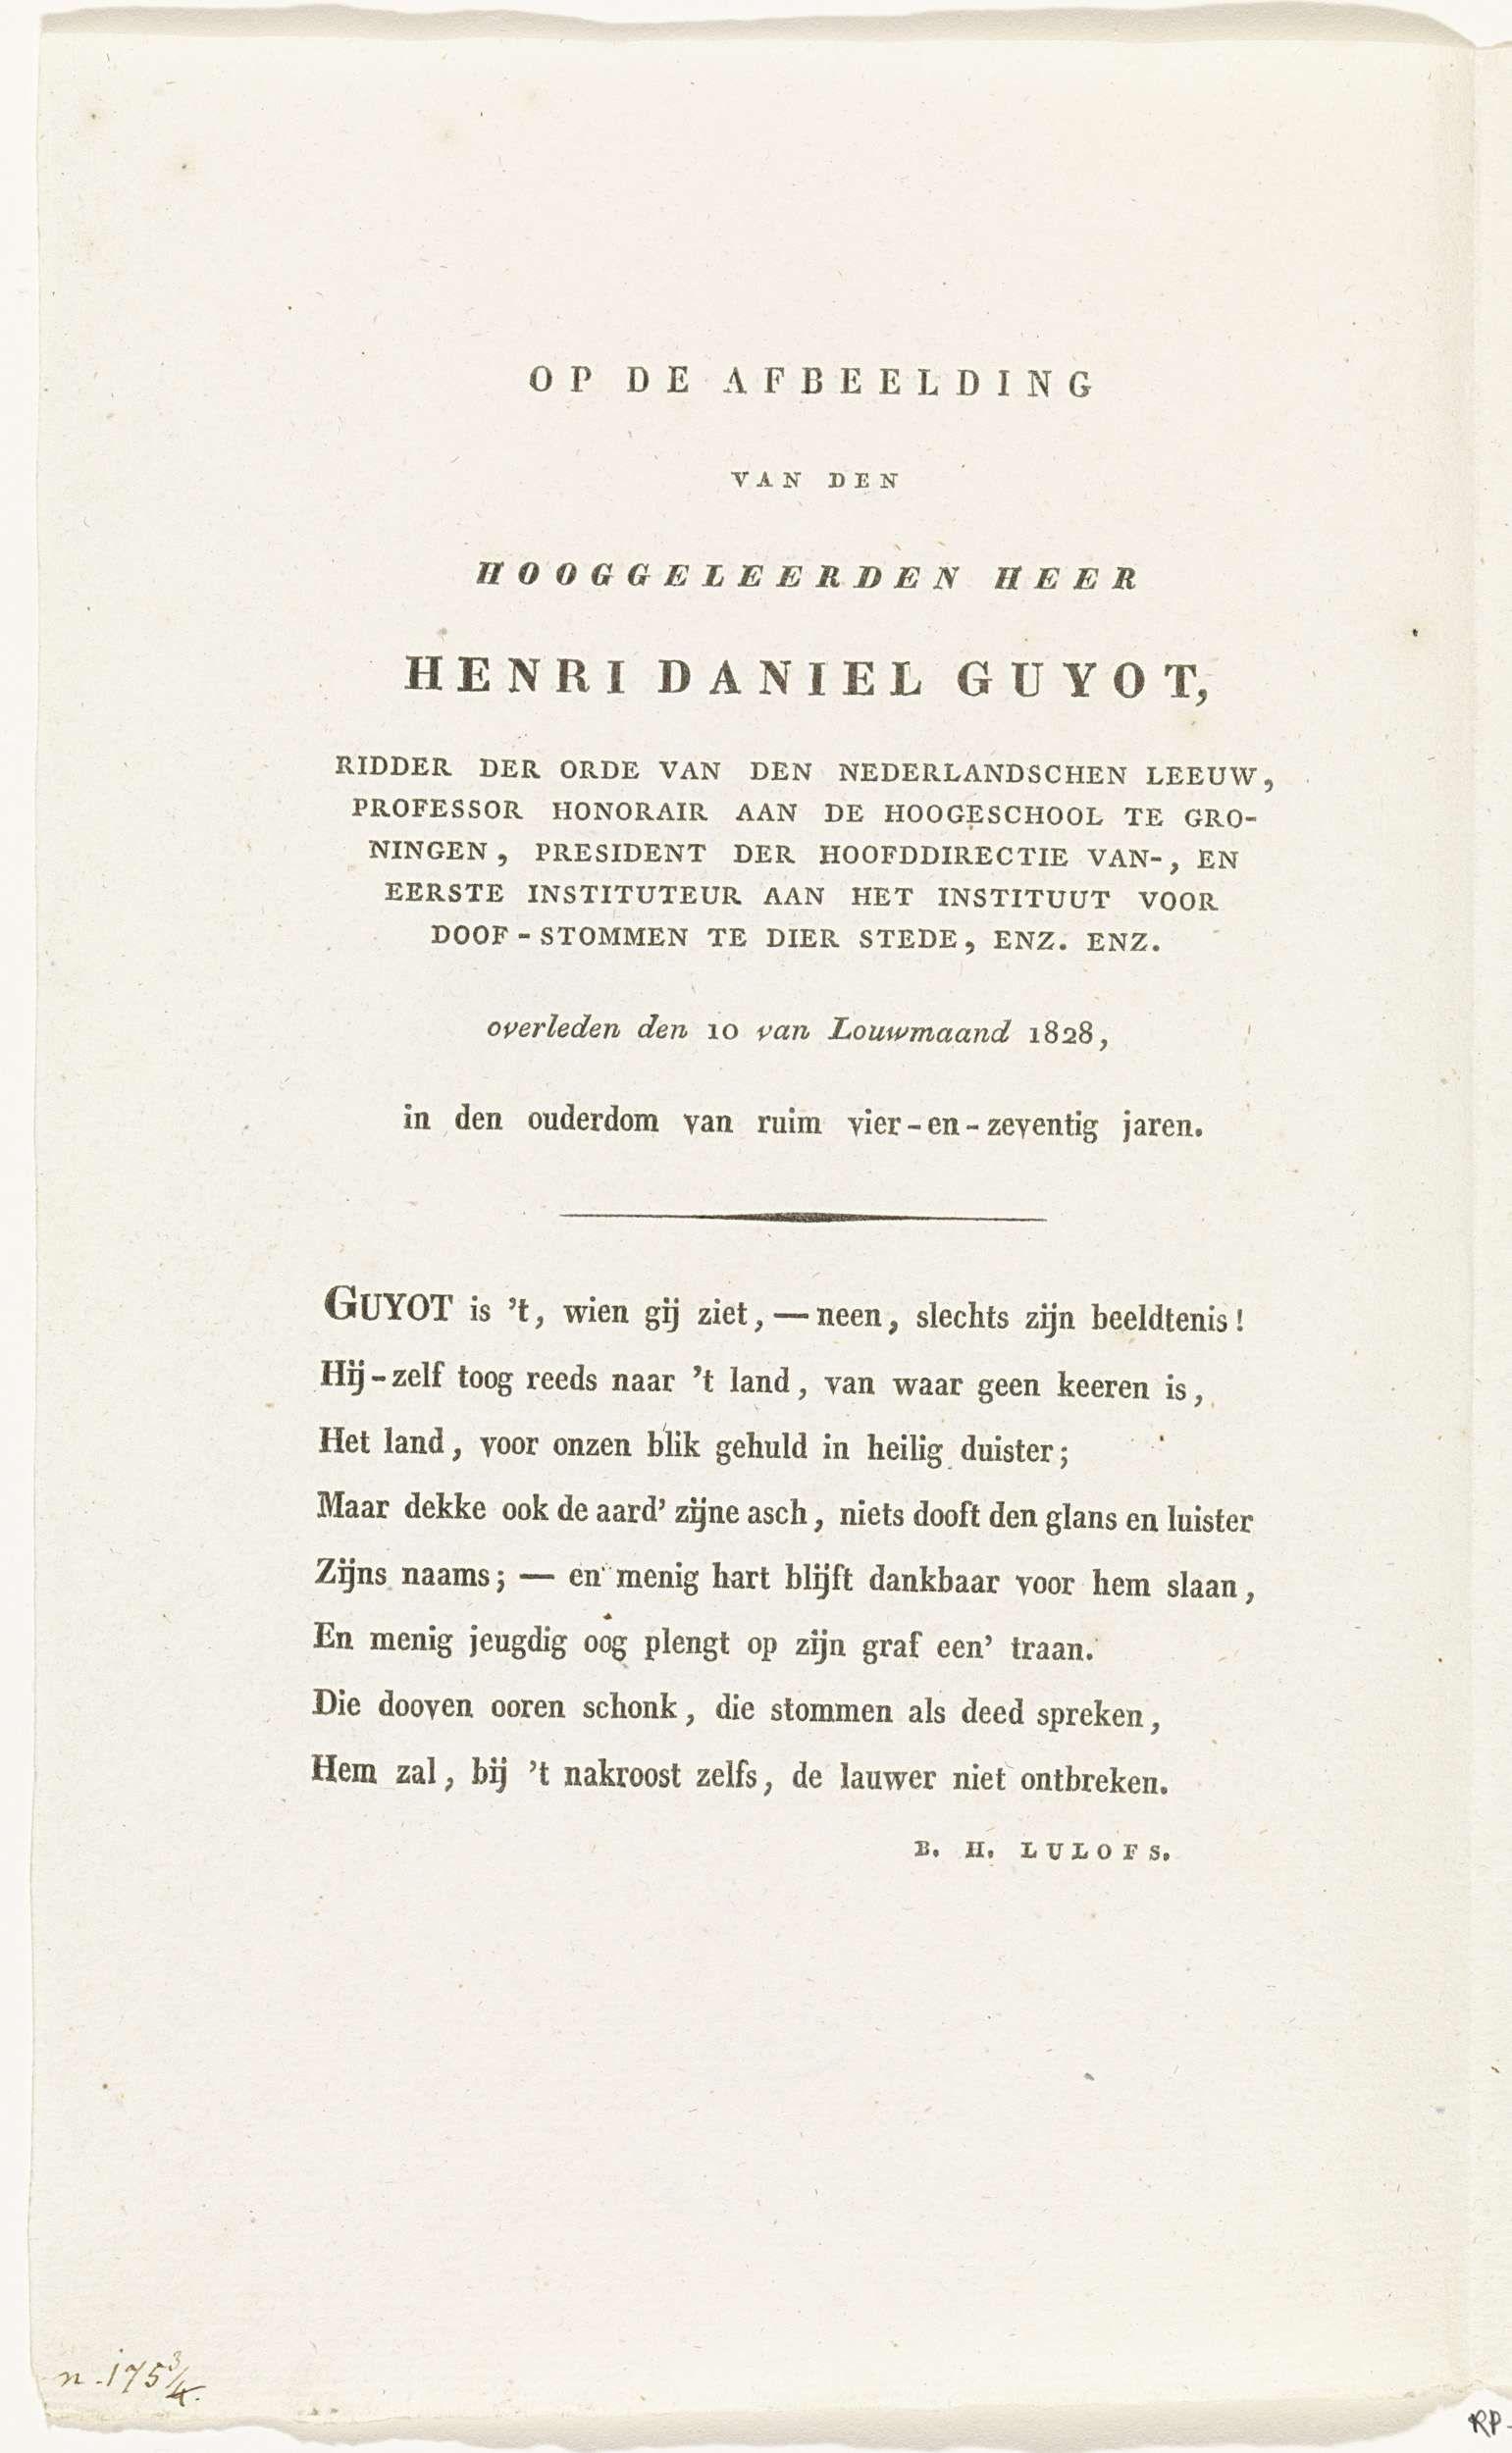 Barthold Hendrik Lulofs | Op de afbeelding van den hooggeleerden heer Henri Daniel Guyot, Barthold Hendrik Lulofs, 1828 - 1830 |